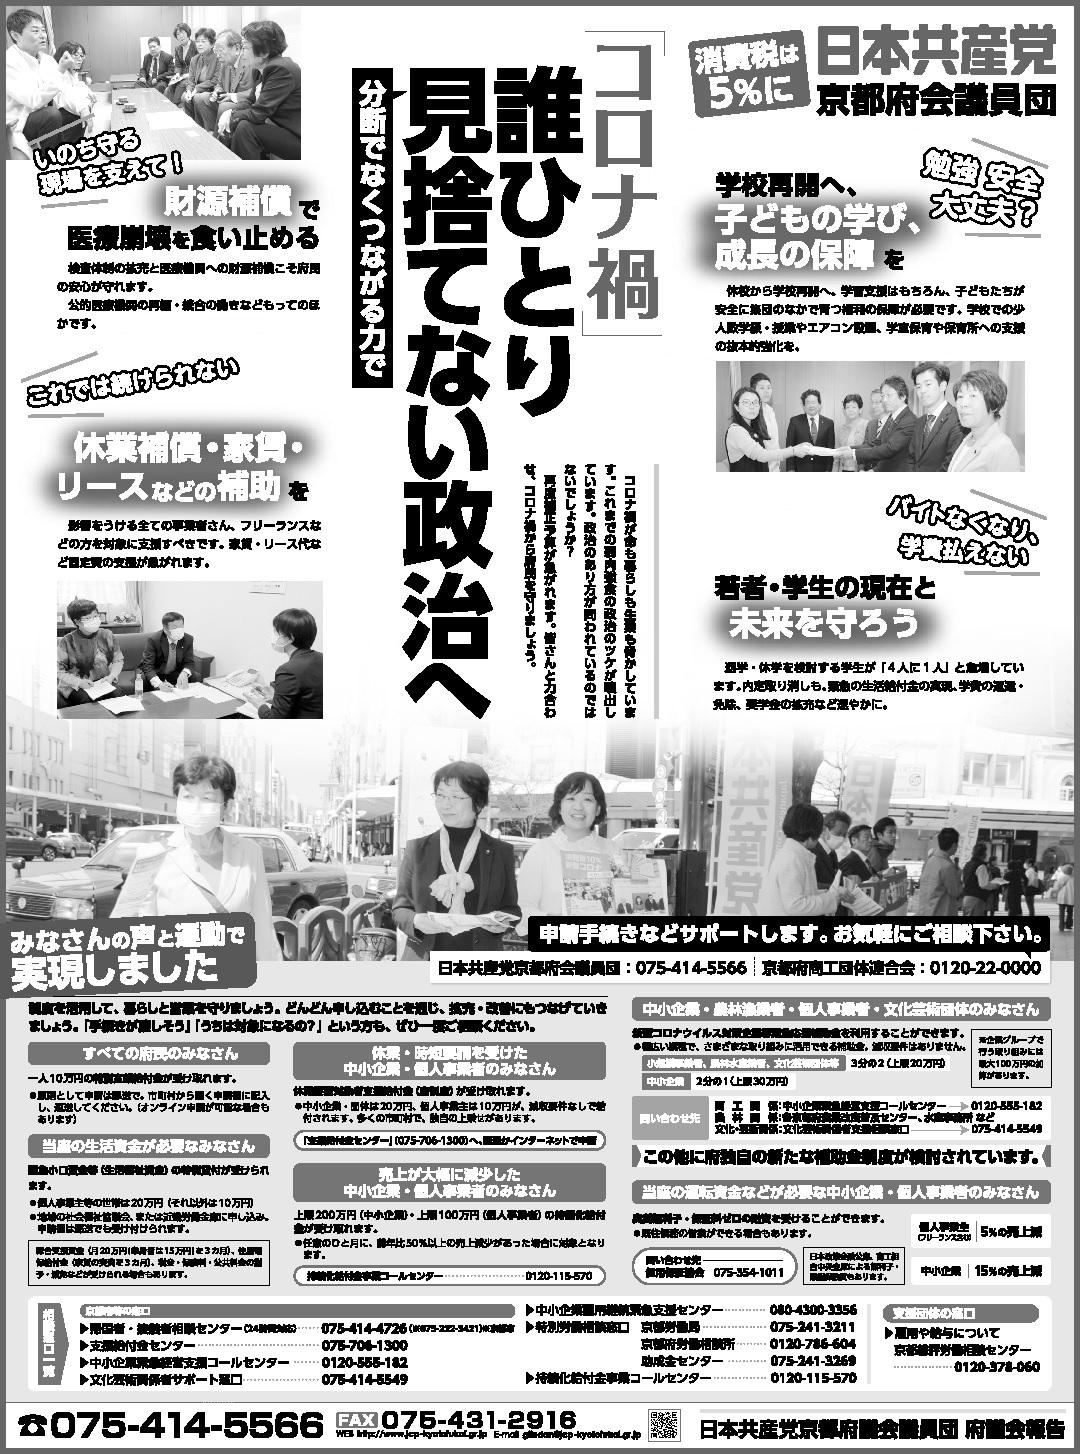 府議会議員団・議会報告新聞広告